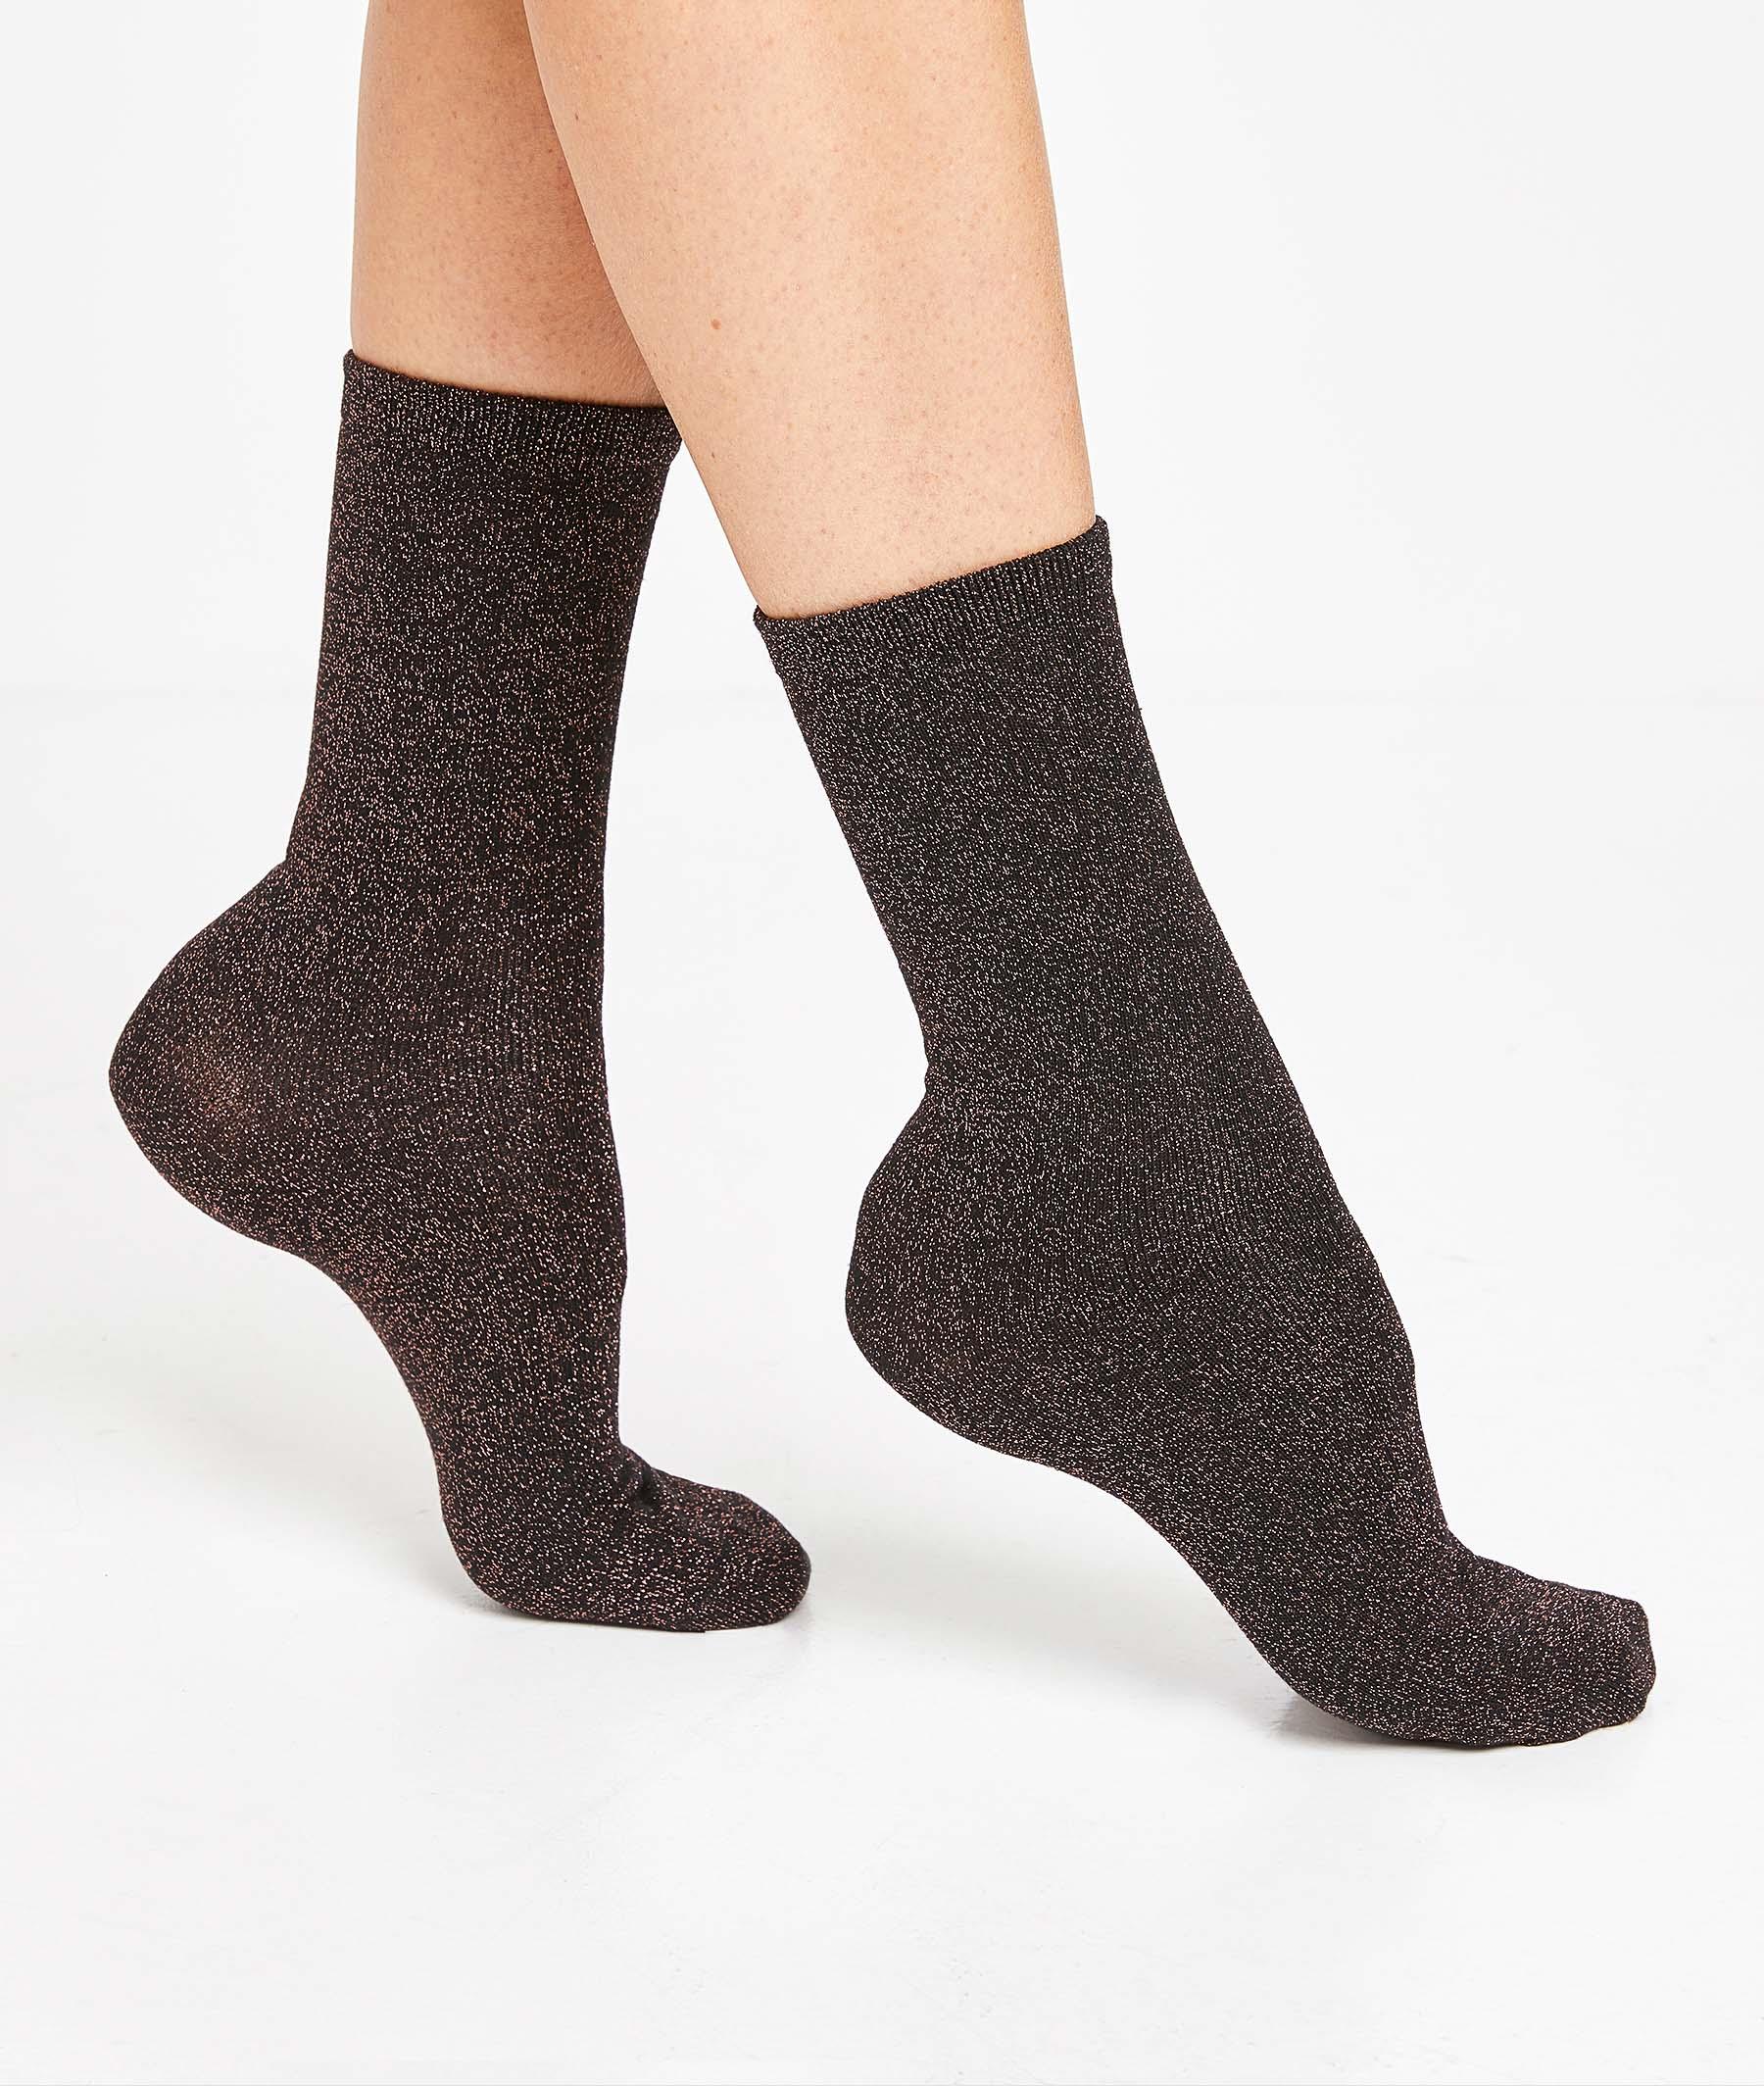 Lot de 2 paires de chaussettes femme LEOPARD